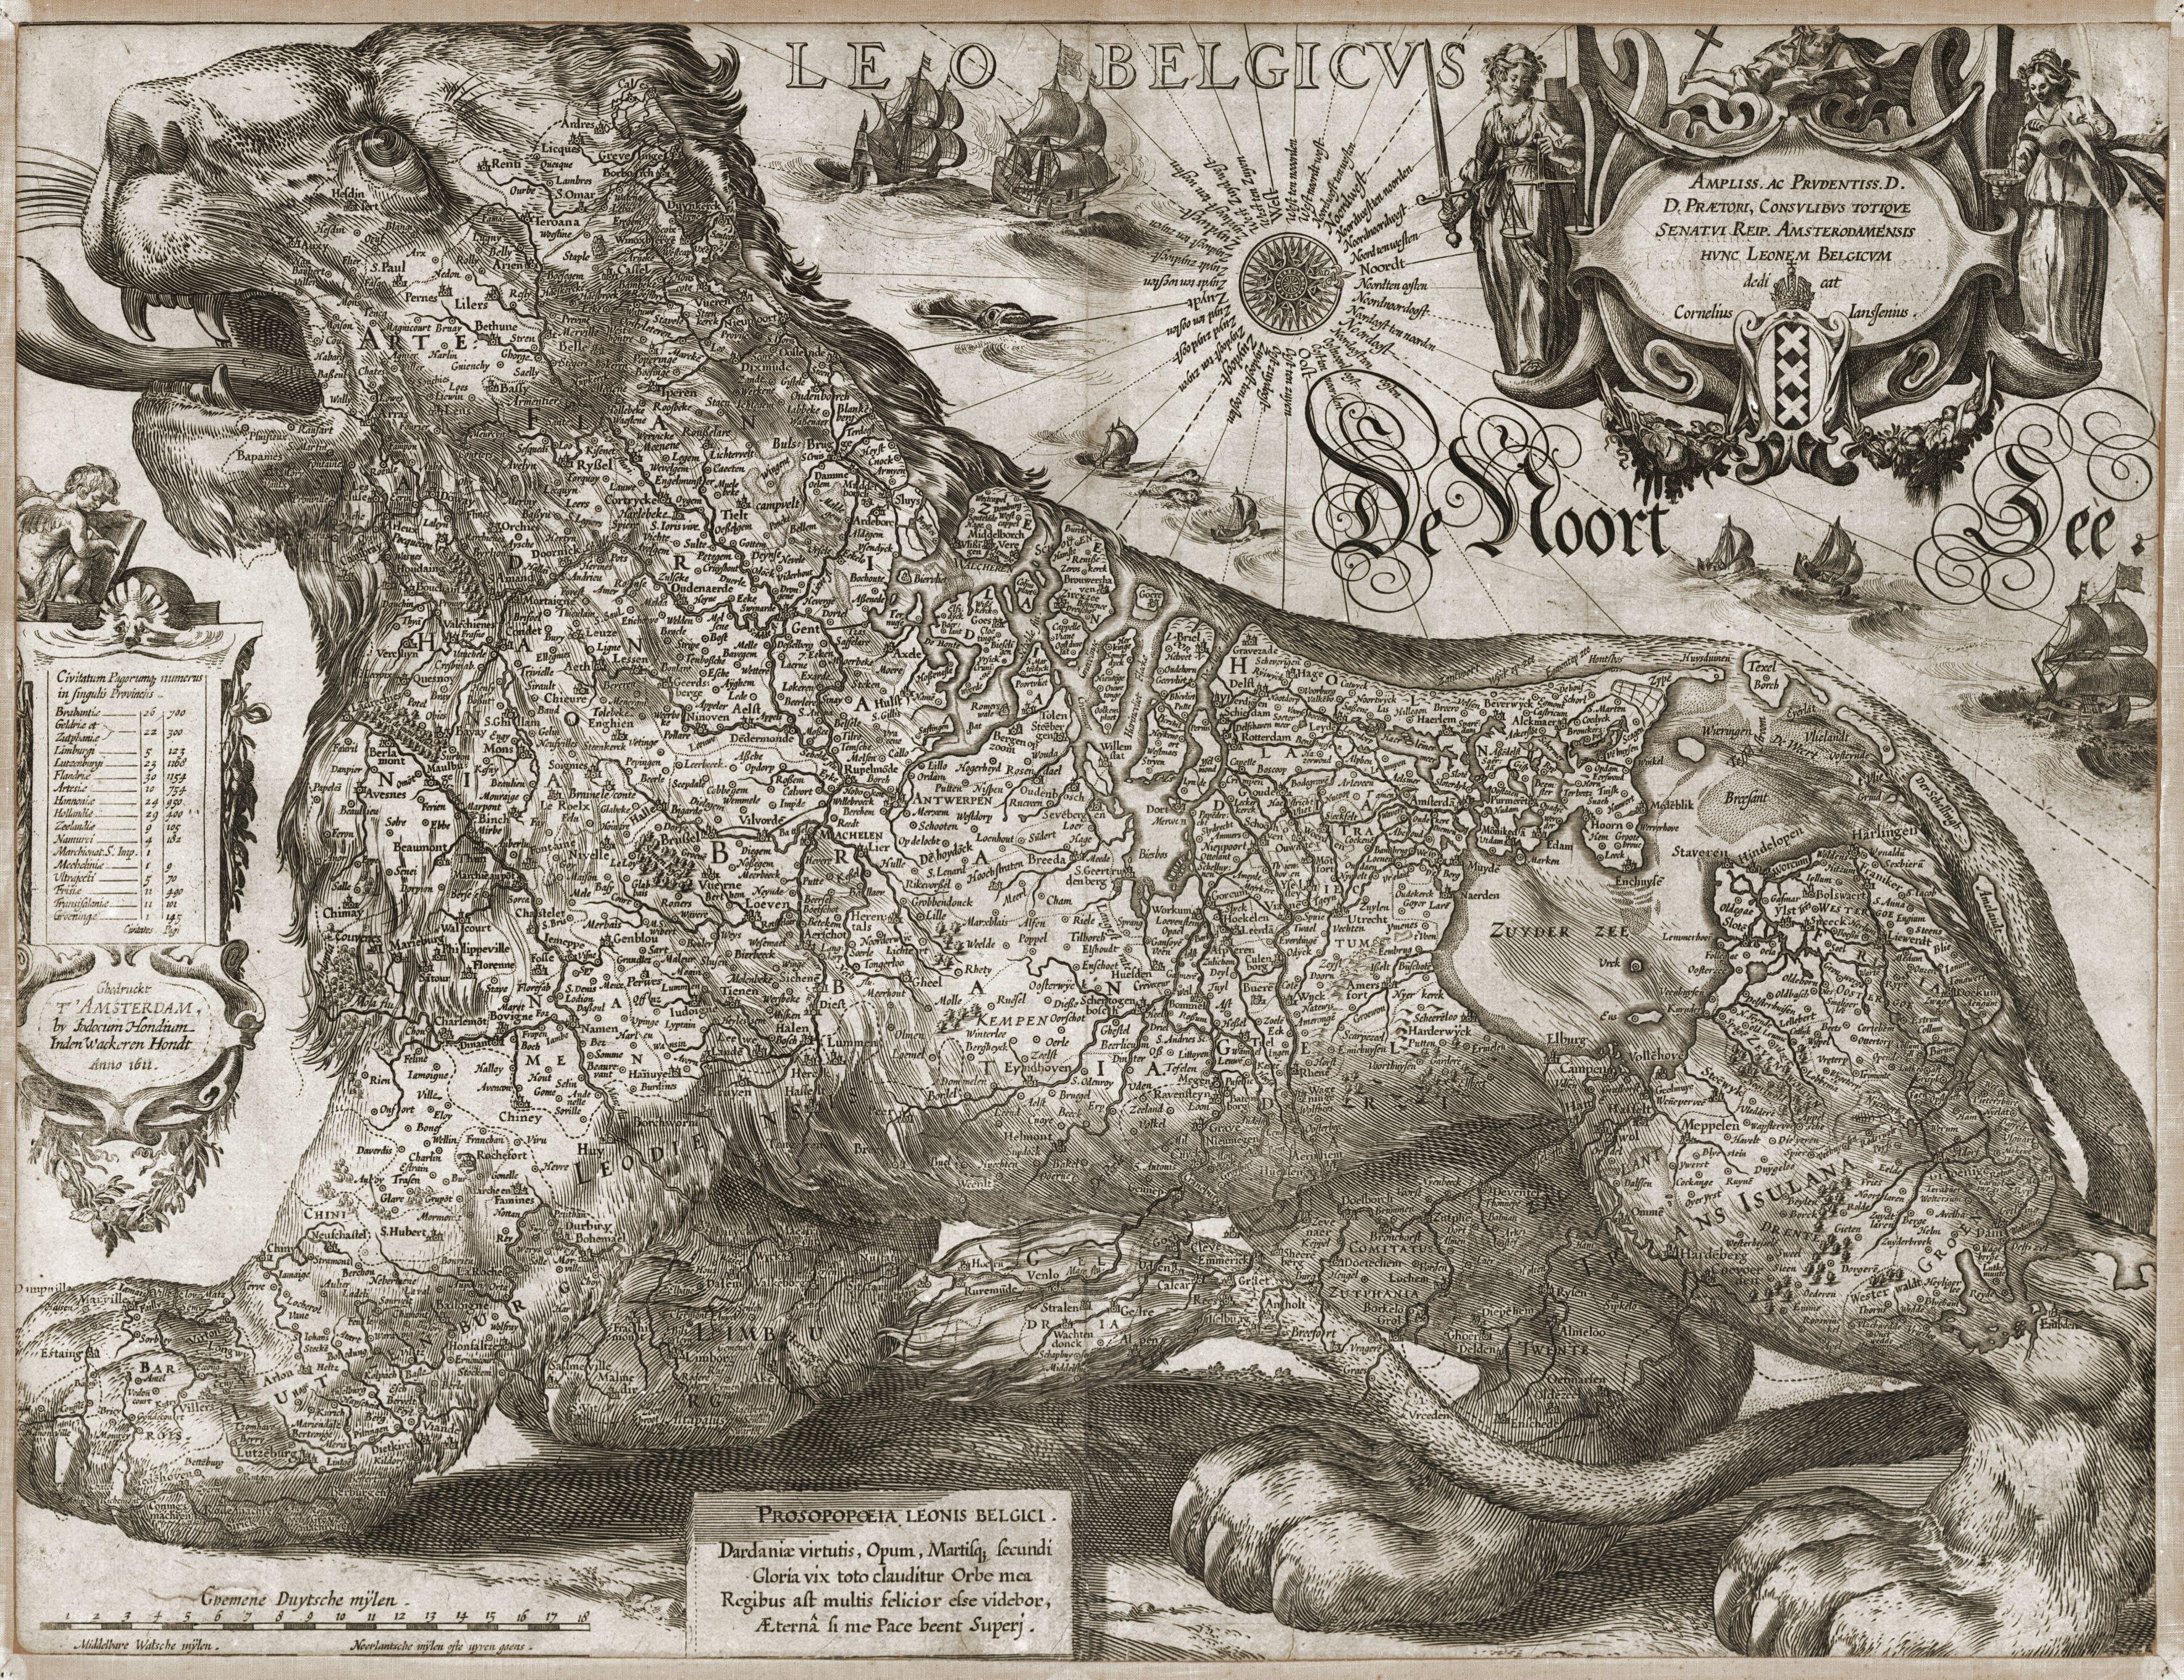 Jodocus Hondius, 'Leo Belgicus', Inden Wackeren Hondt, 1611